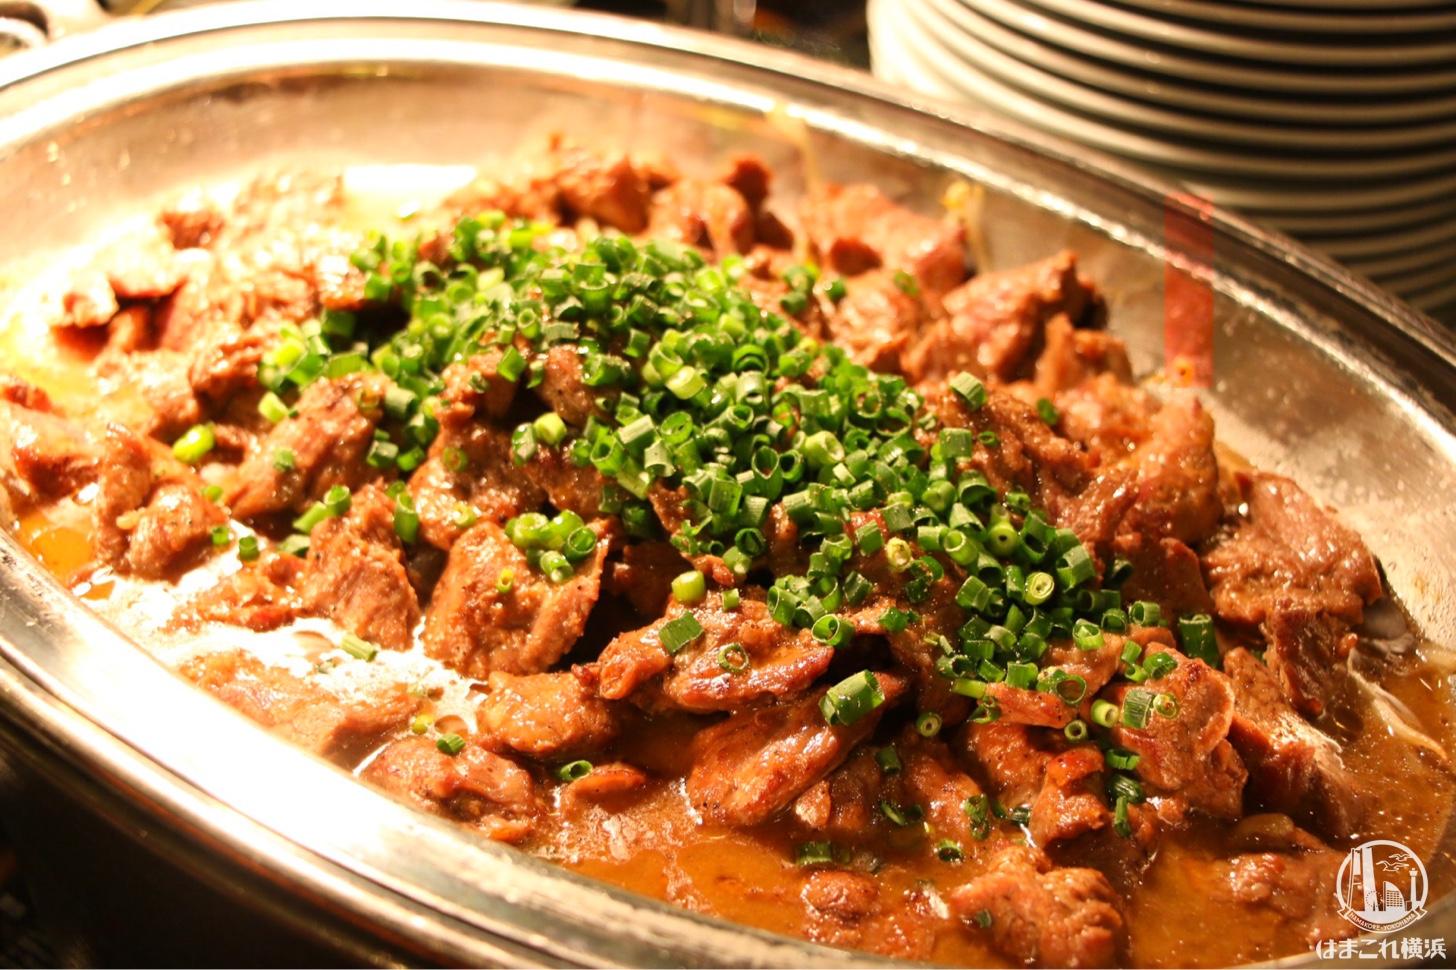 仔羊肉カルビのジンギスカン風 トスカスタイル